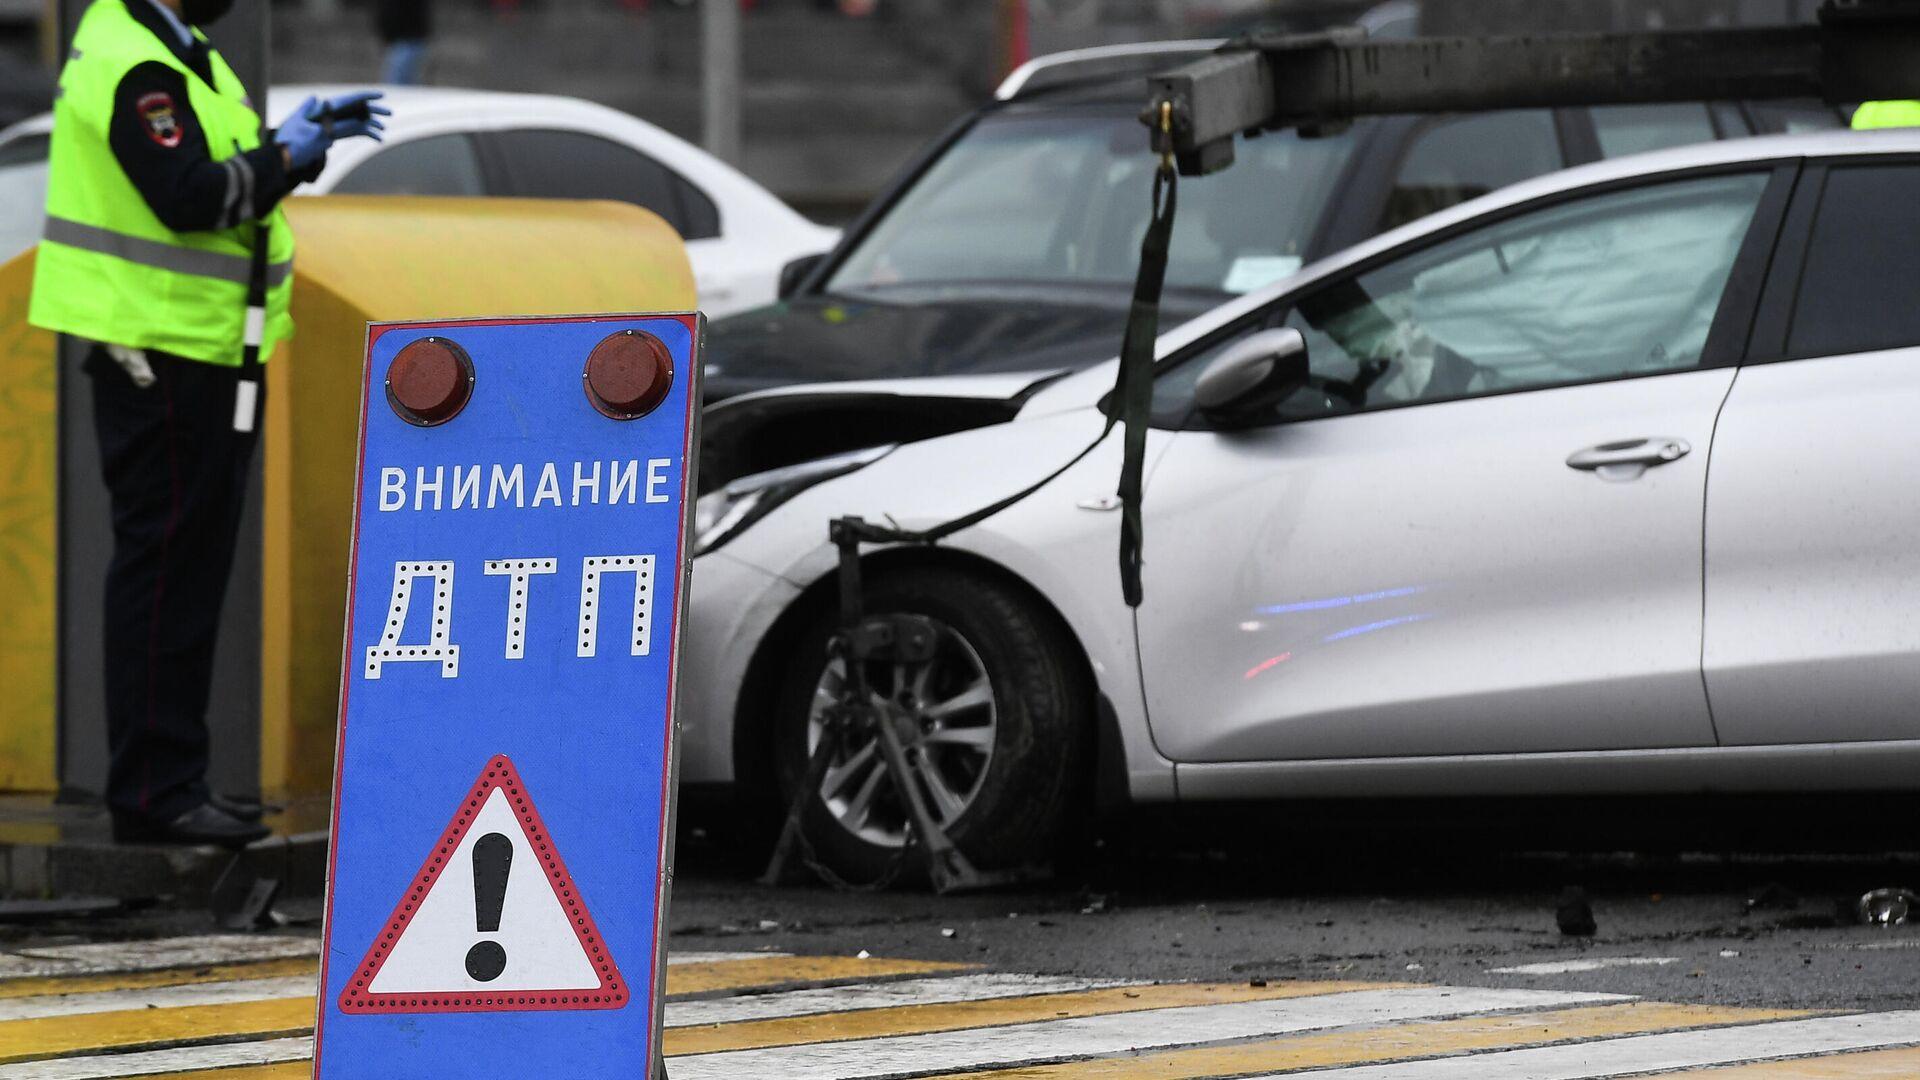 Власти Москвы назвали главную причину аварий на дорогах